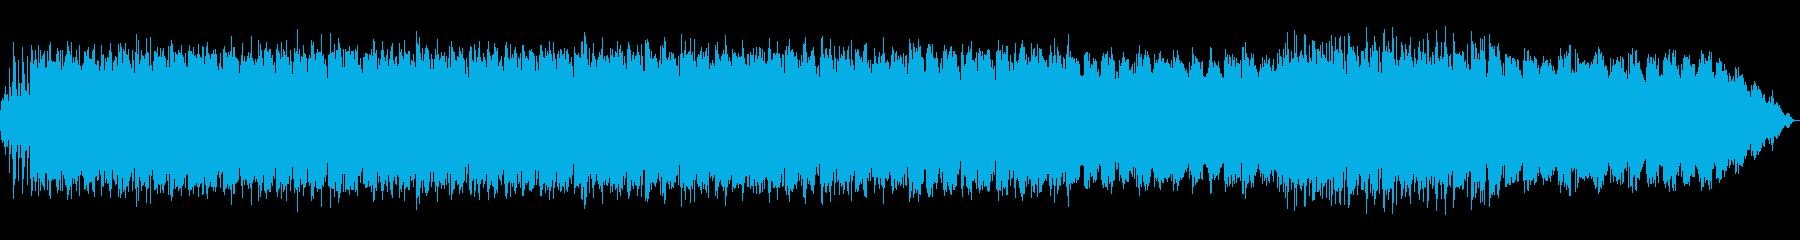 落ち着いたシンセサイザーのリラックス音楽の再生済みの波形